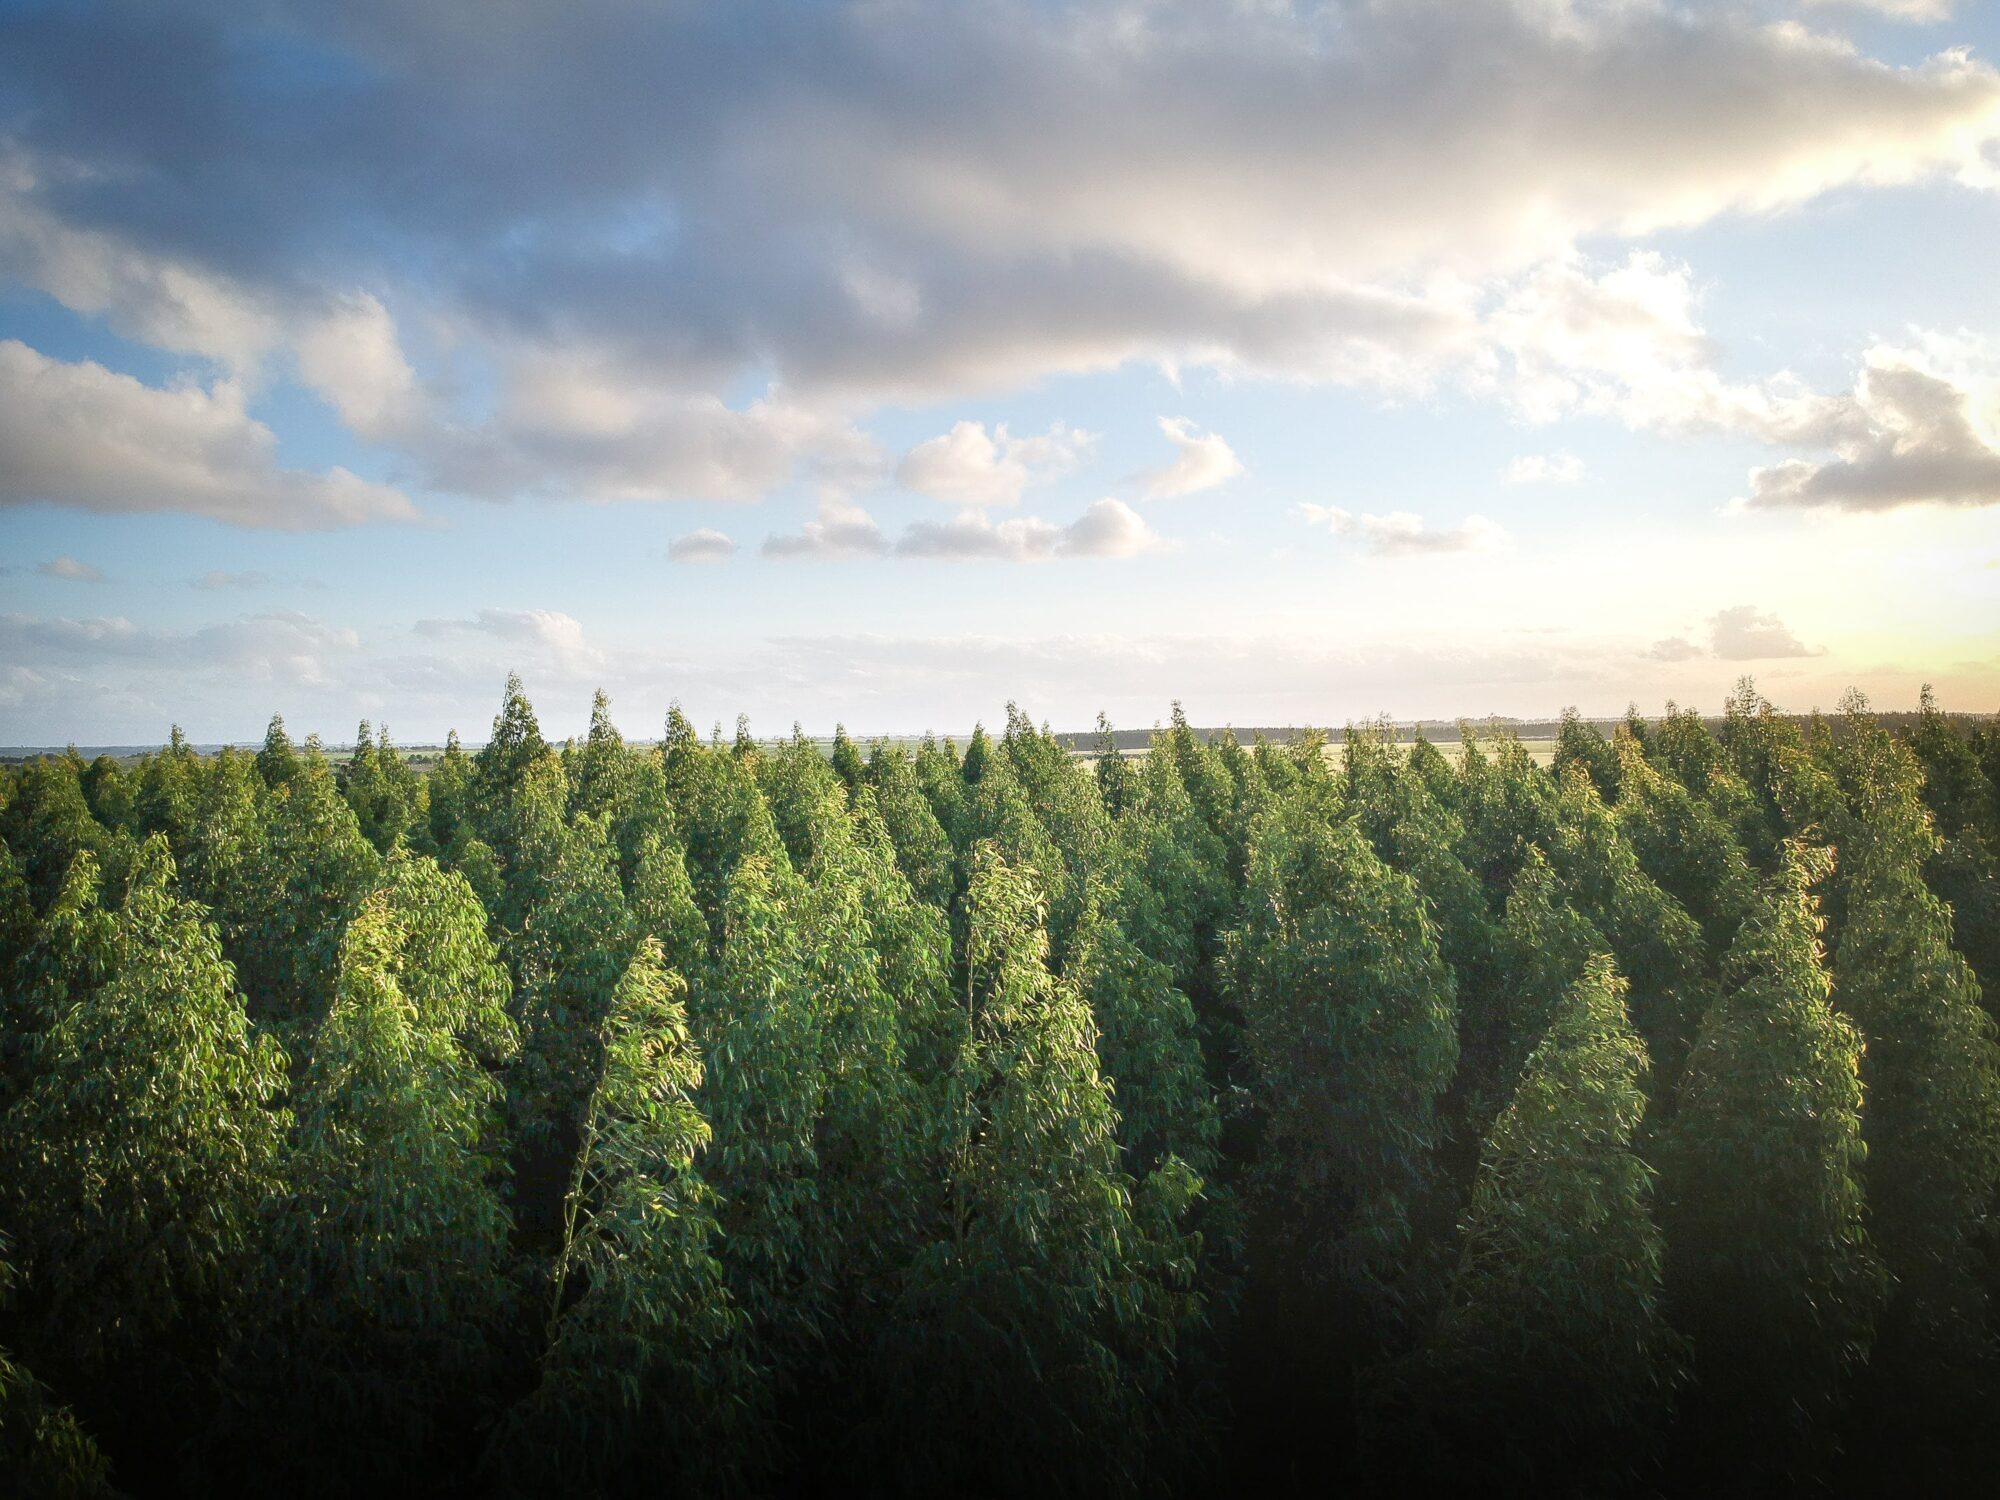 Oświetlony słońcem las a nad nimi błękitno niebo z chmurami.